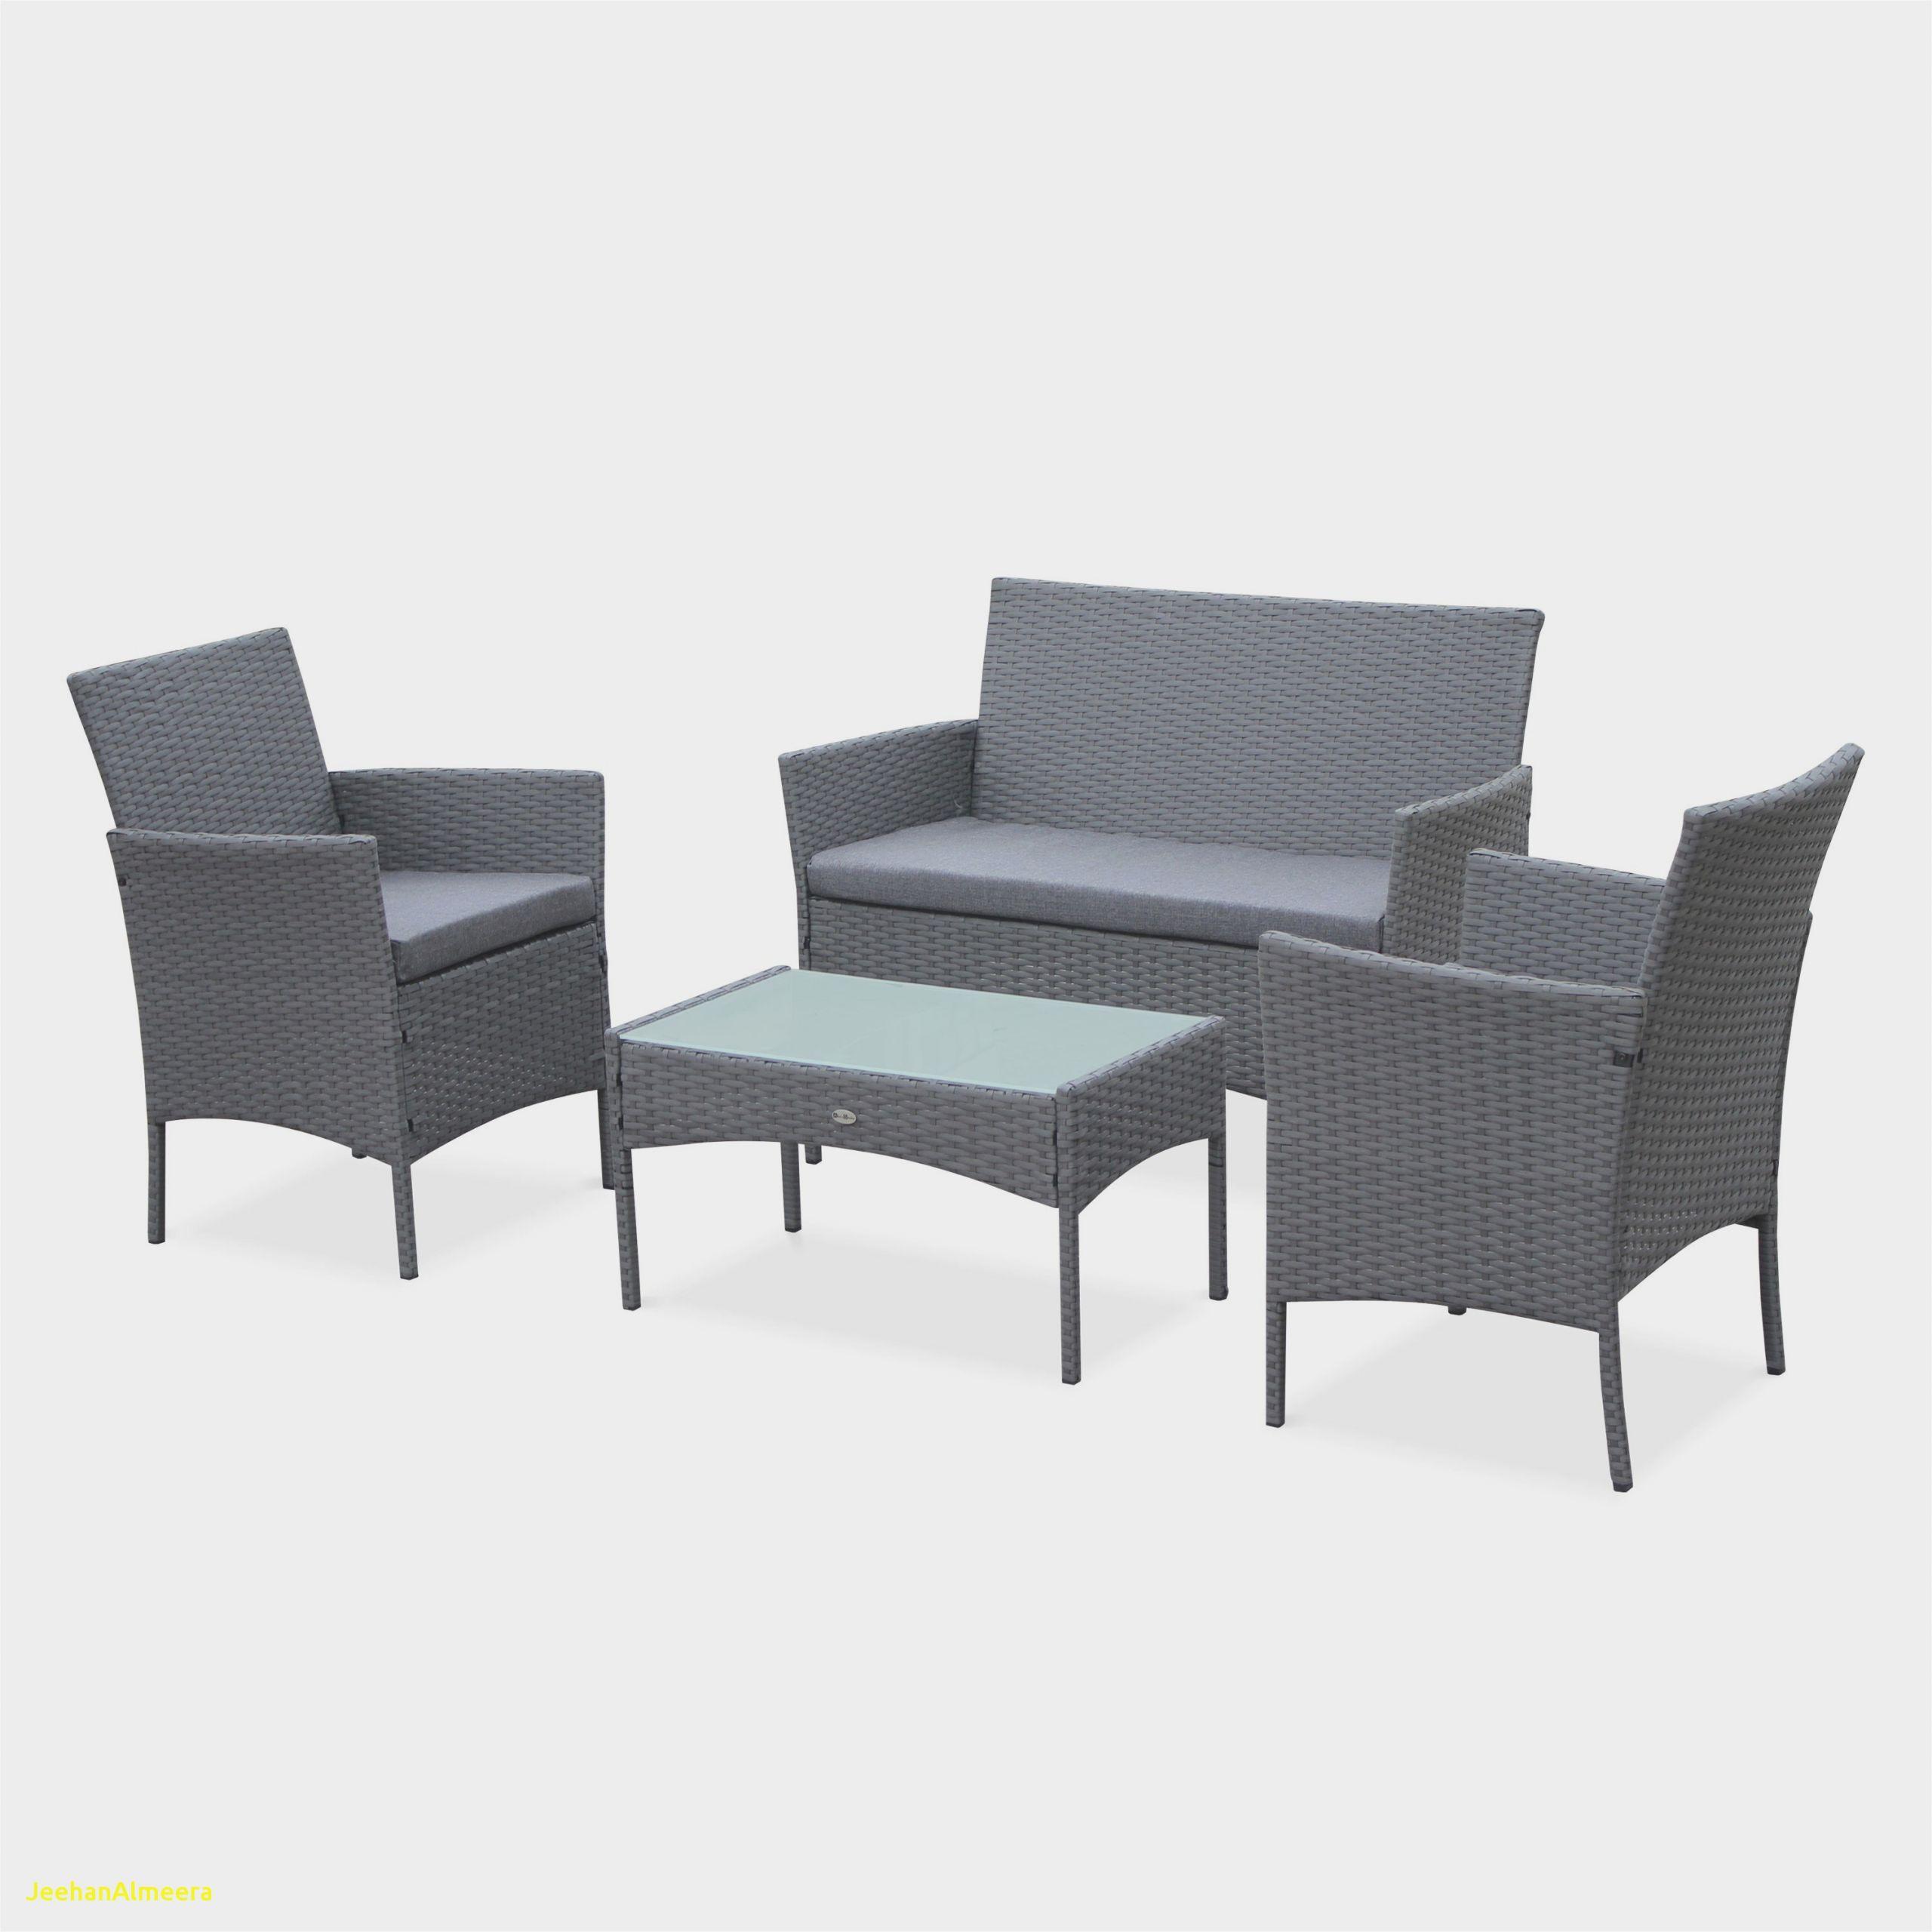 chaise jardin aluminium pas cher impressionnant meuble bois jardin de chaise elegant table jardin meilleur de alinea of chaise jardin aluminium pas cher